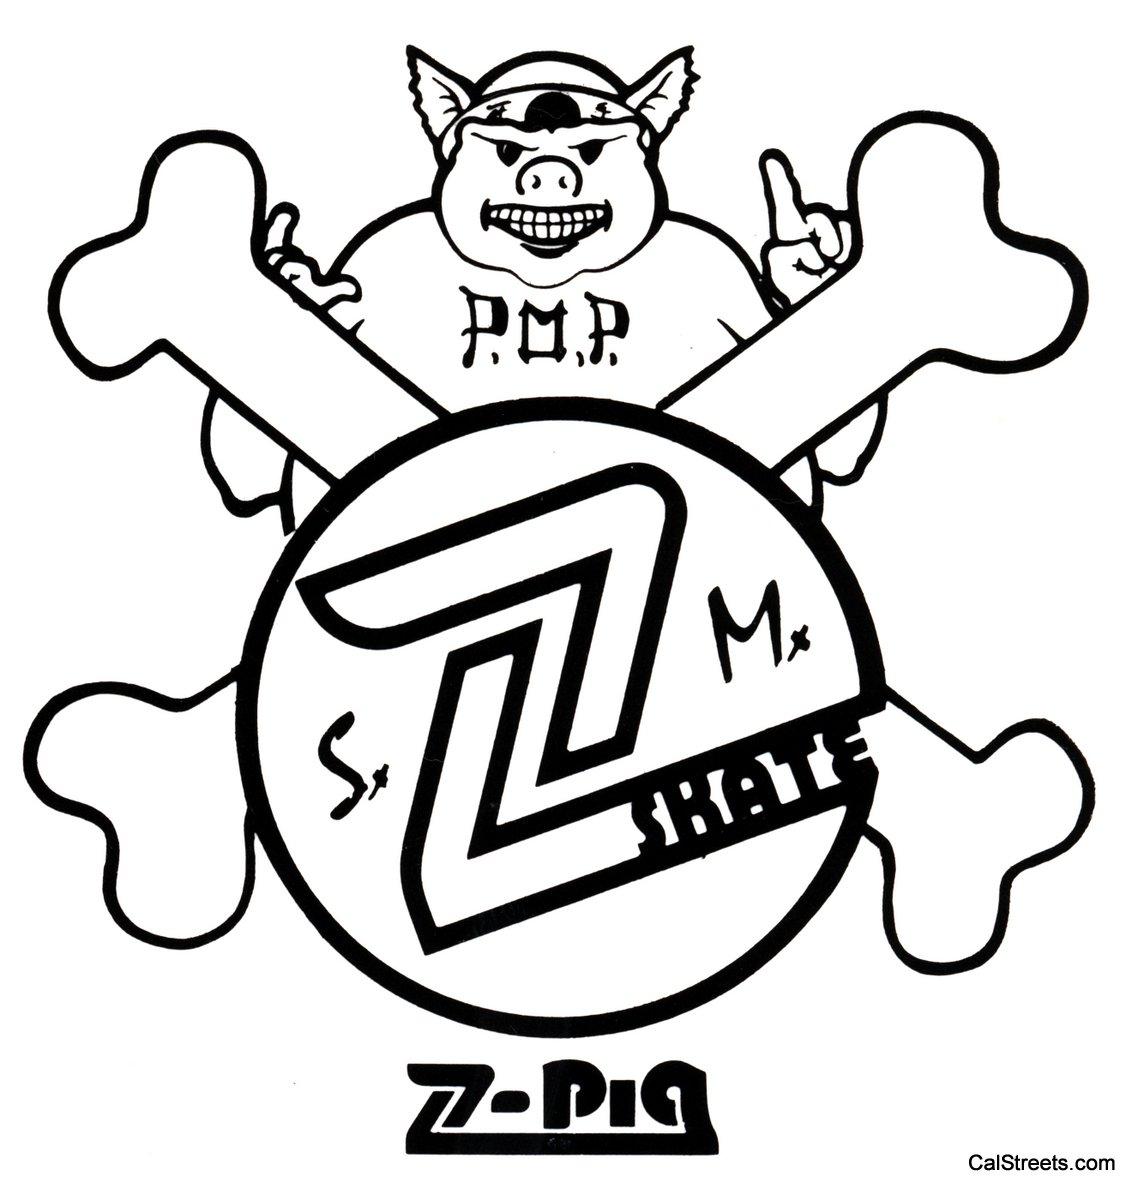 Z Pig Skateboard Z-Pig Skate SM2